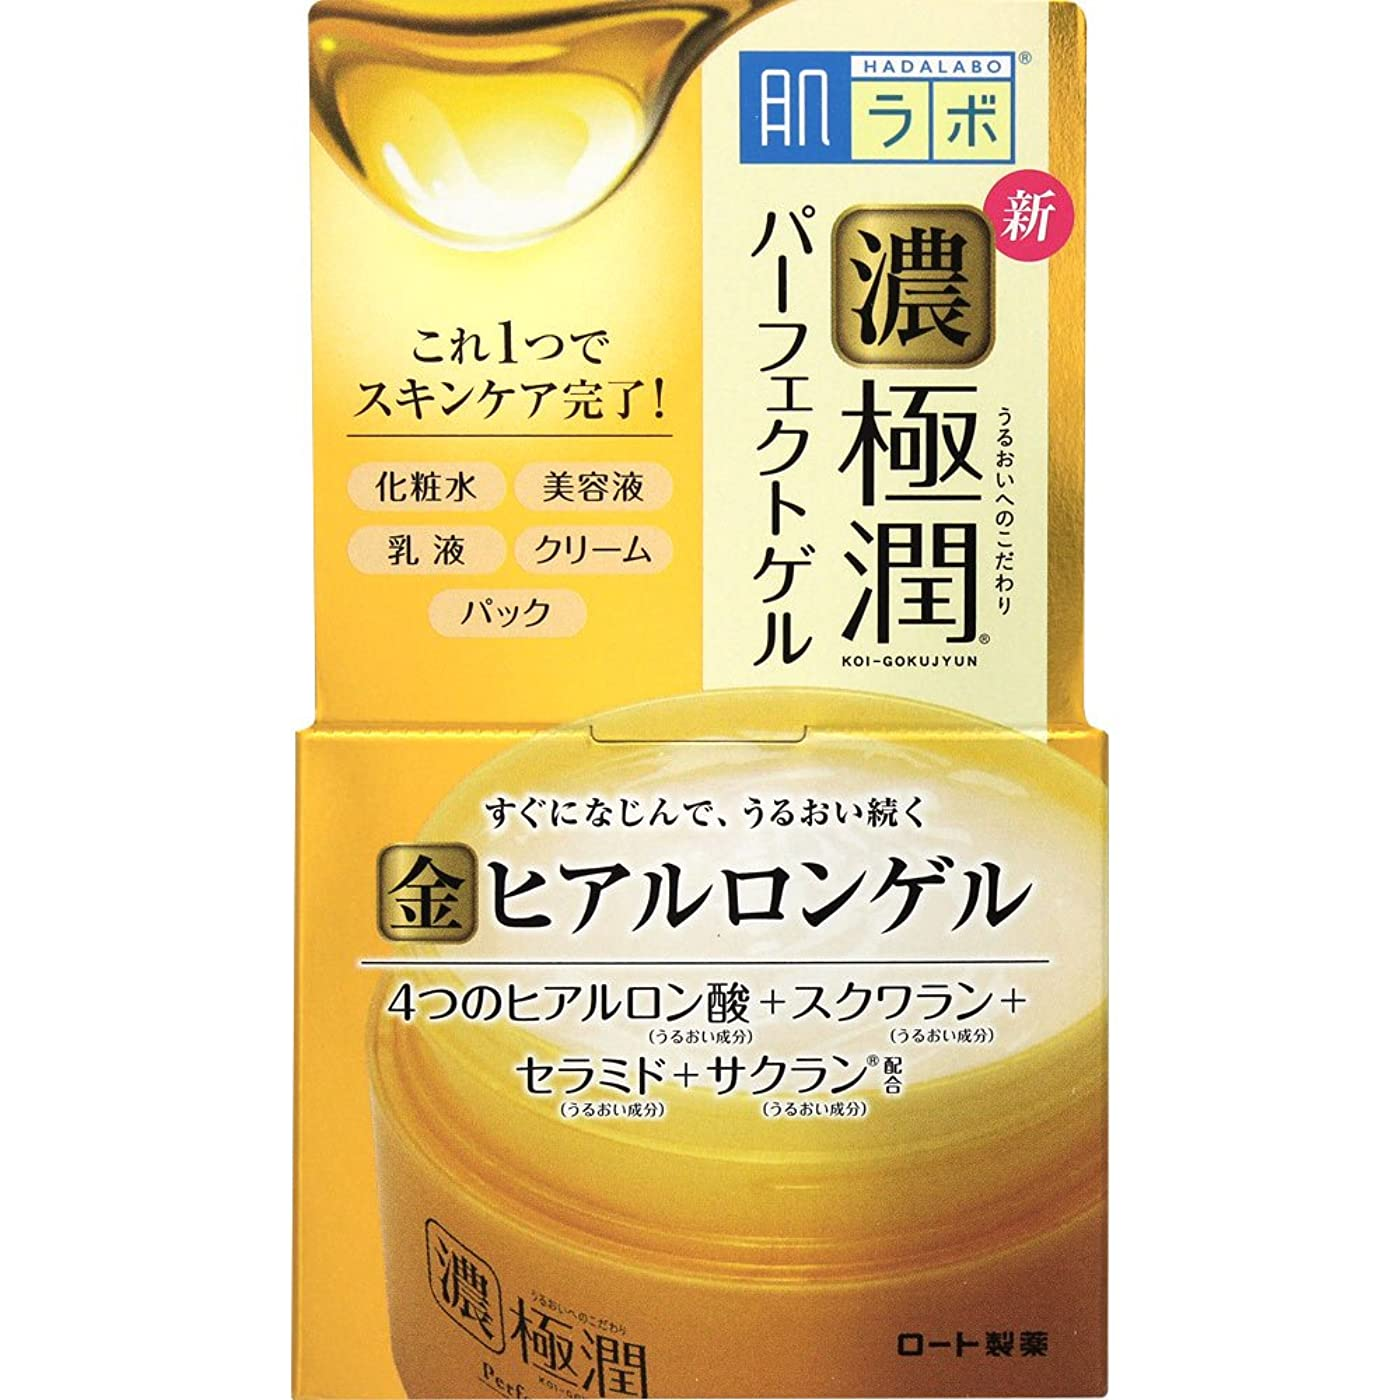 受賞質素な序文肌ラボ 濃い極潤 オールインワン パーフェクトゲル ヒアルロン酸×スクワラン×セラミド×サクラン配合 100g